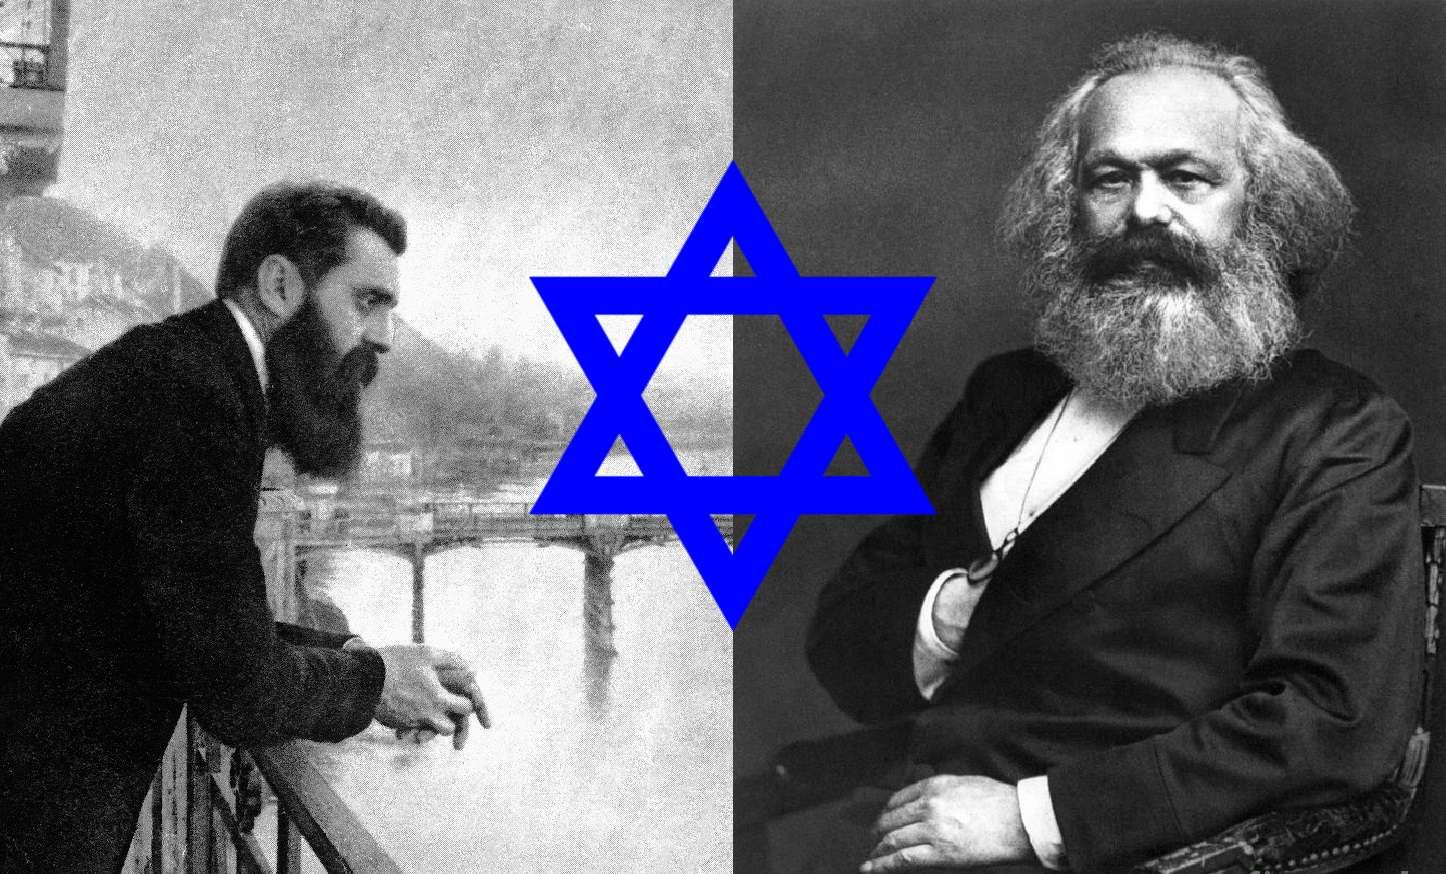 Οι πρώτοι Σιωνιστές ήταν σοσιαλιστές